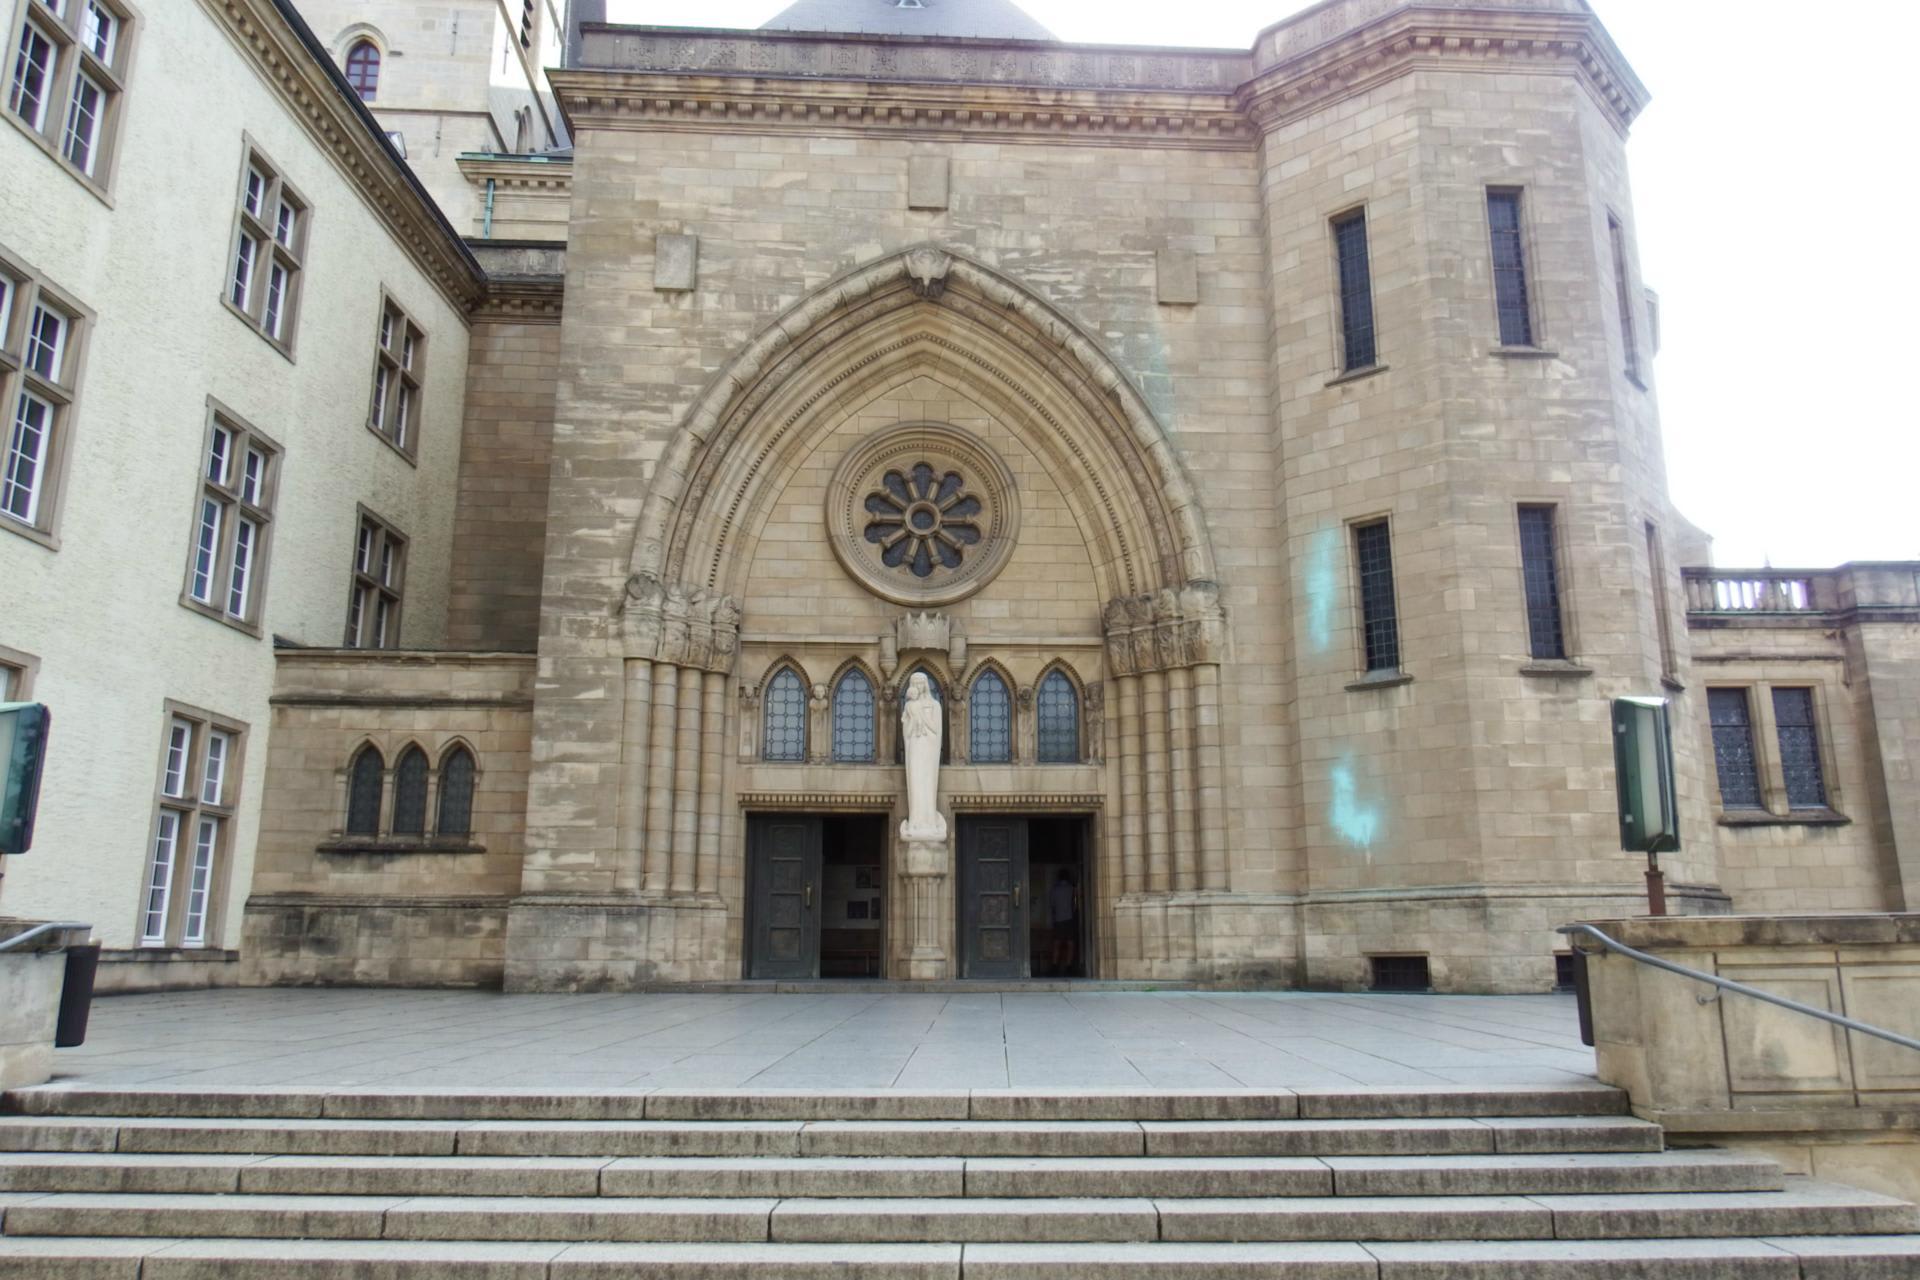 ルクセンブルク大聖堂。左手の建物はルクセンブルク国立図書館 → Map